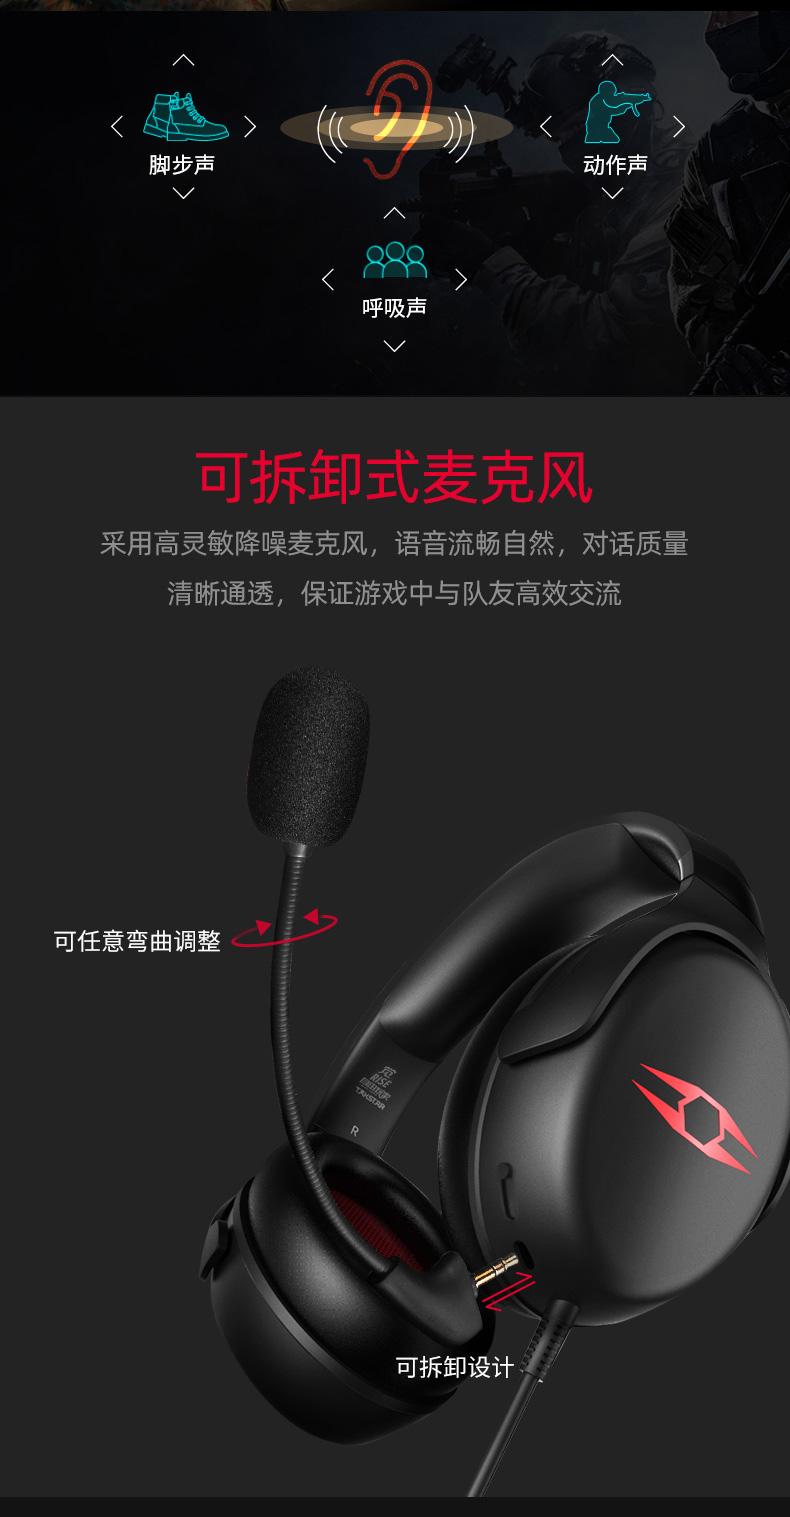 自由玩家觉-耳机详情-202000714_06.jpg